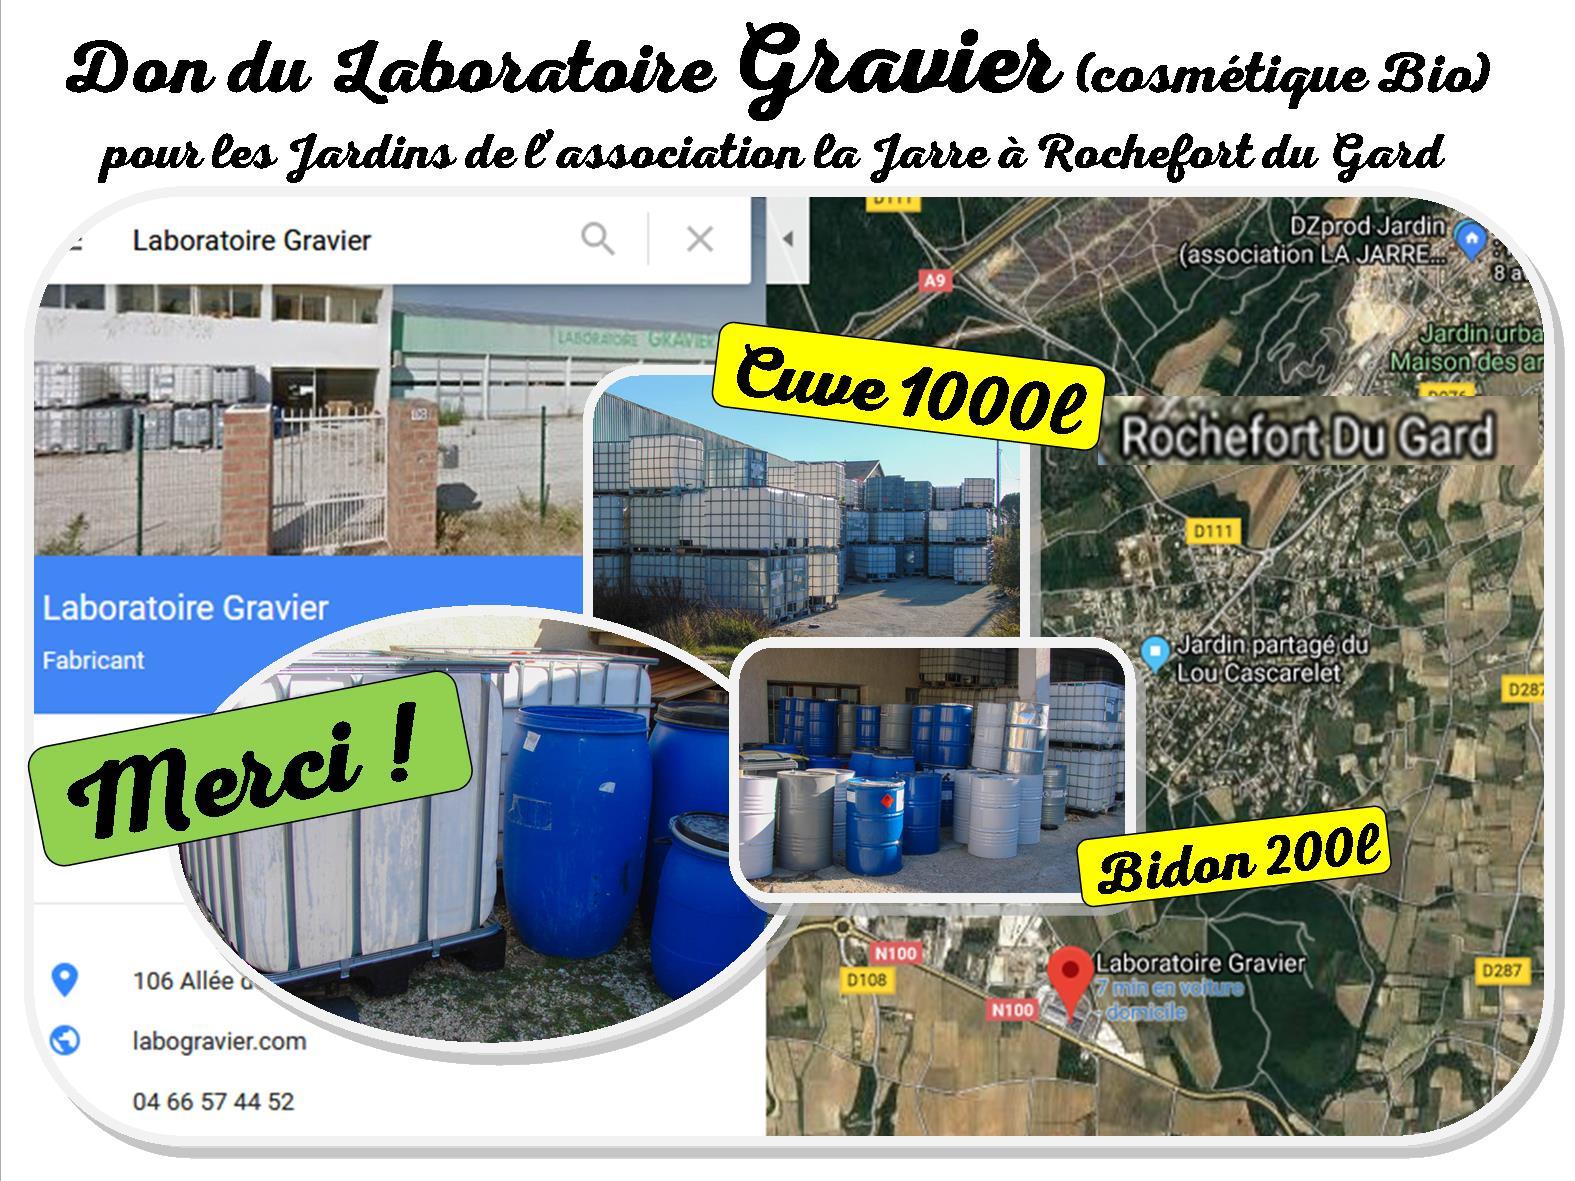 Laboratoire Gravier DOMAZAN - don cuve et bidon pour les jardins de la JARRE de Rochefort du Gard